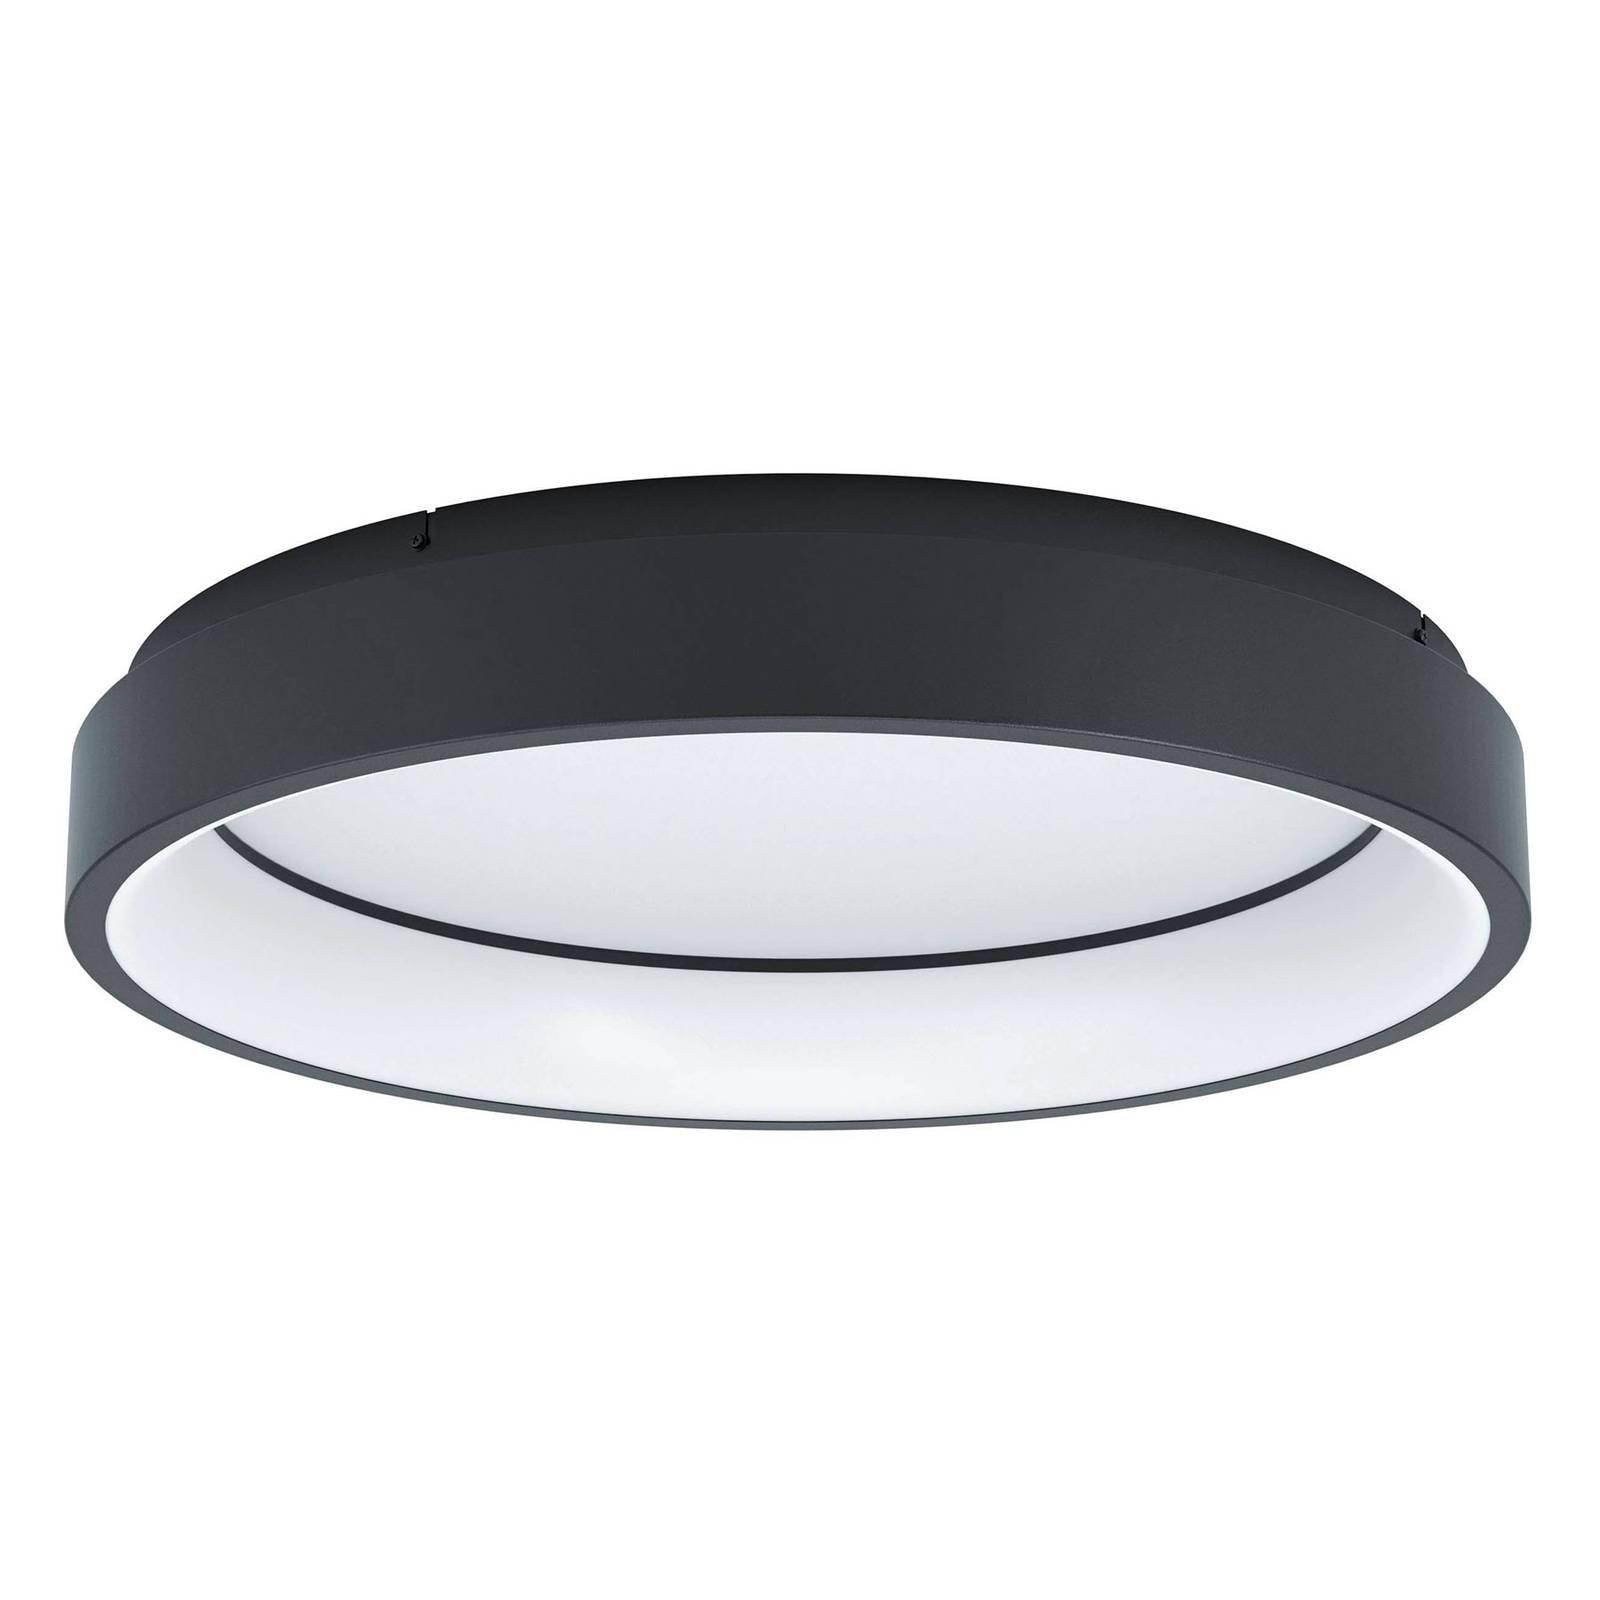 EGLO connect Marghera-C LED-taklampe